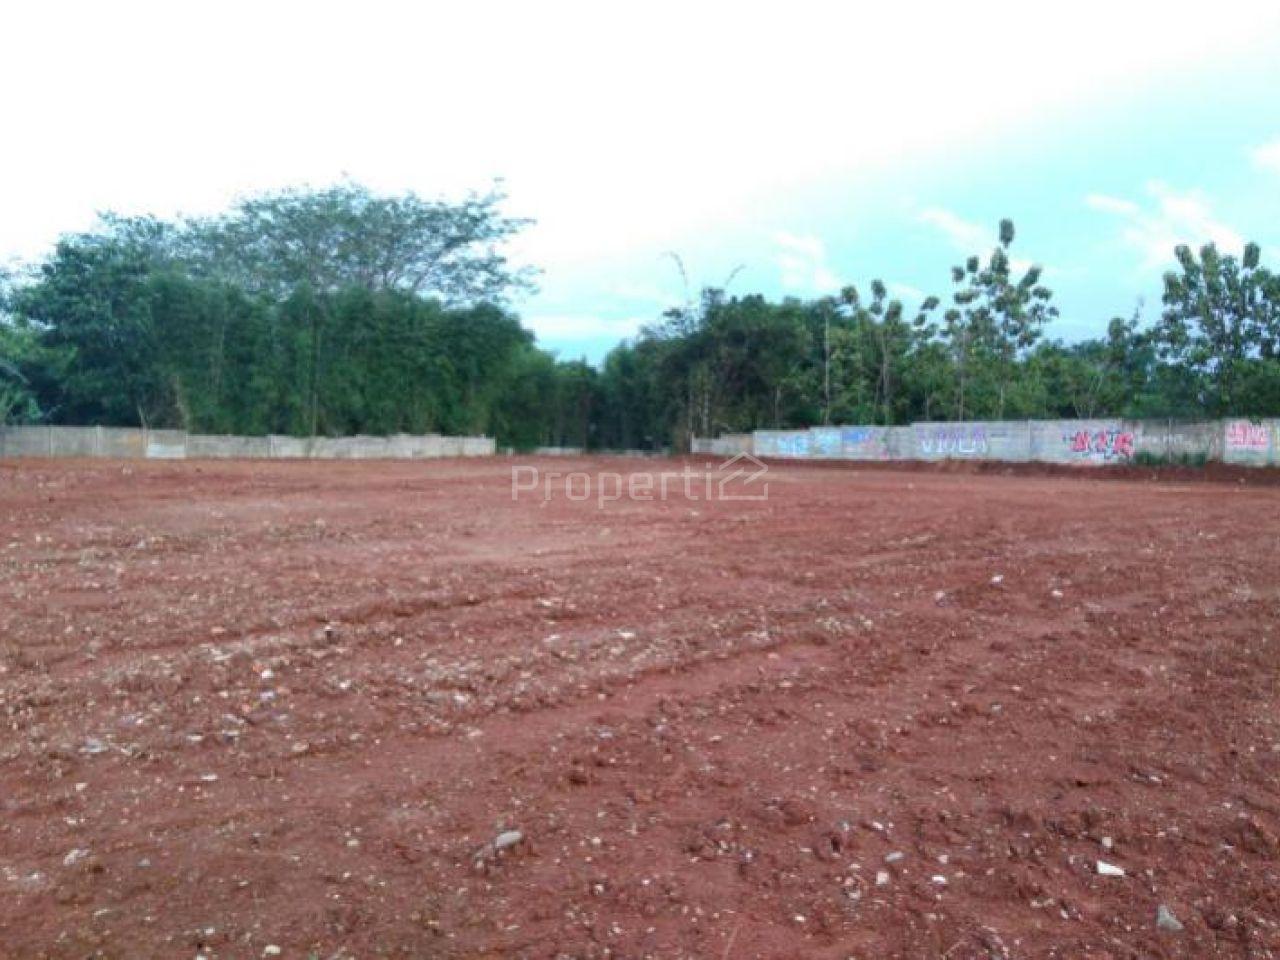 Roadside Land at Rawa Buntu, Serpong, Banten